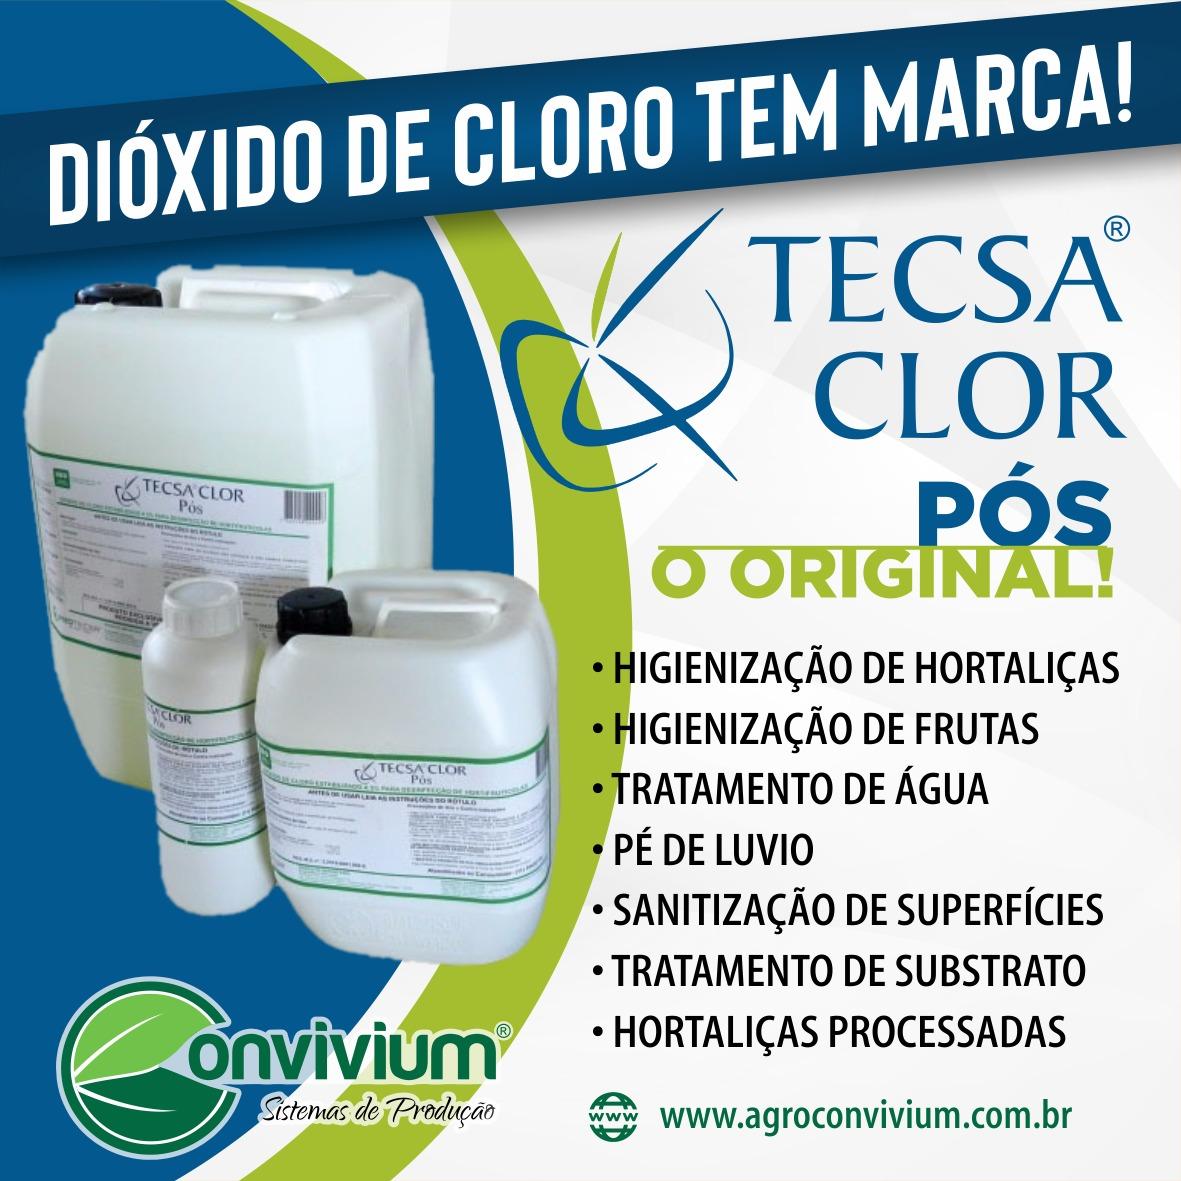 Tecsa Clor Pós - Sanitizante - Virucida,Báctericida e fungicida